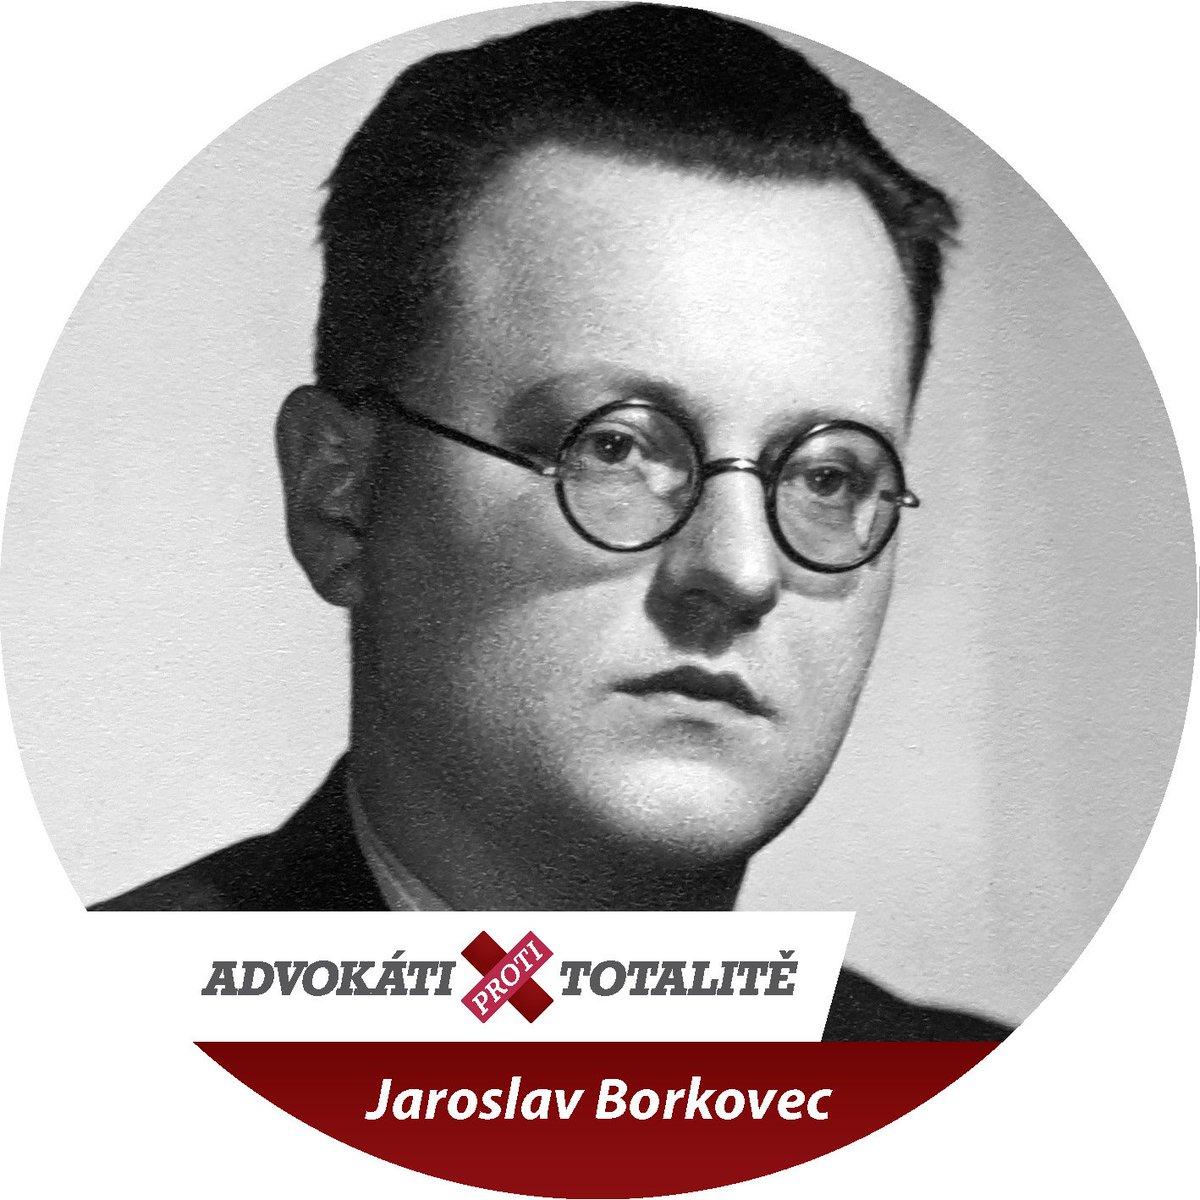 test Twitter Media - Dne 5. listopadu odstartuje projekt @CAK_cz #Advokatiprotitotalite, v němž si připomeneme oběti totalitních režimů z řad advokátů. Nejvyšší oběť - vlastní život - přinesl koncipient Jan Borkovec. 5. listopad je dnem jeho popravy. Více: https://t.co/ol9LogLopb https://t.co/6ScTZyJUB9